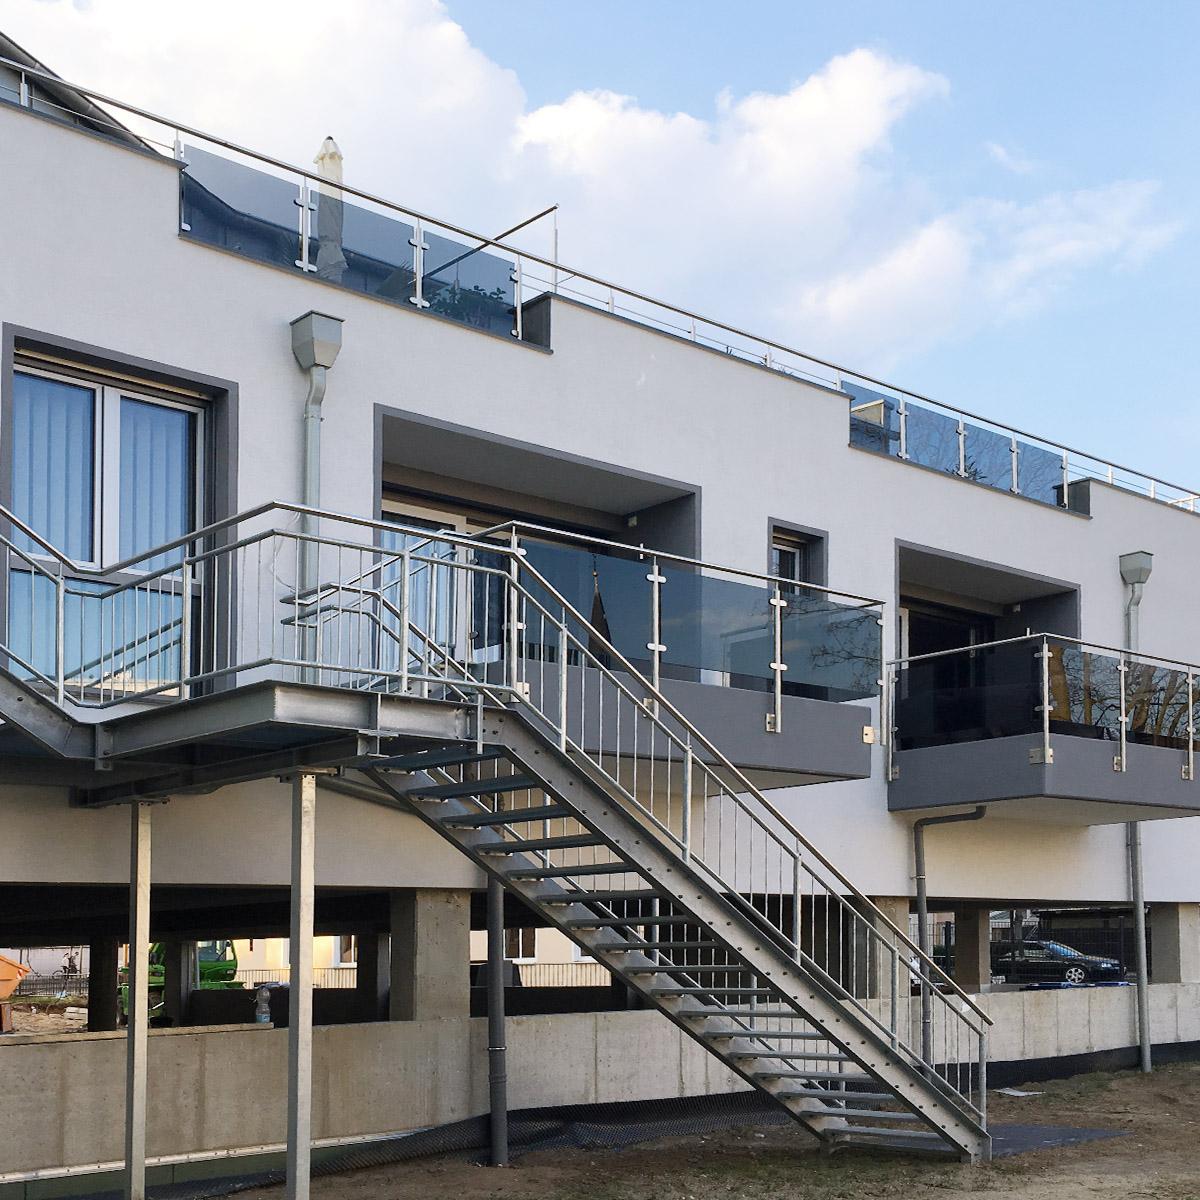 KS-Stahltechnik Referenz Balkon Treppe gerade